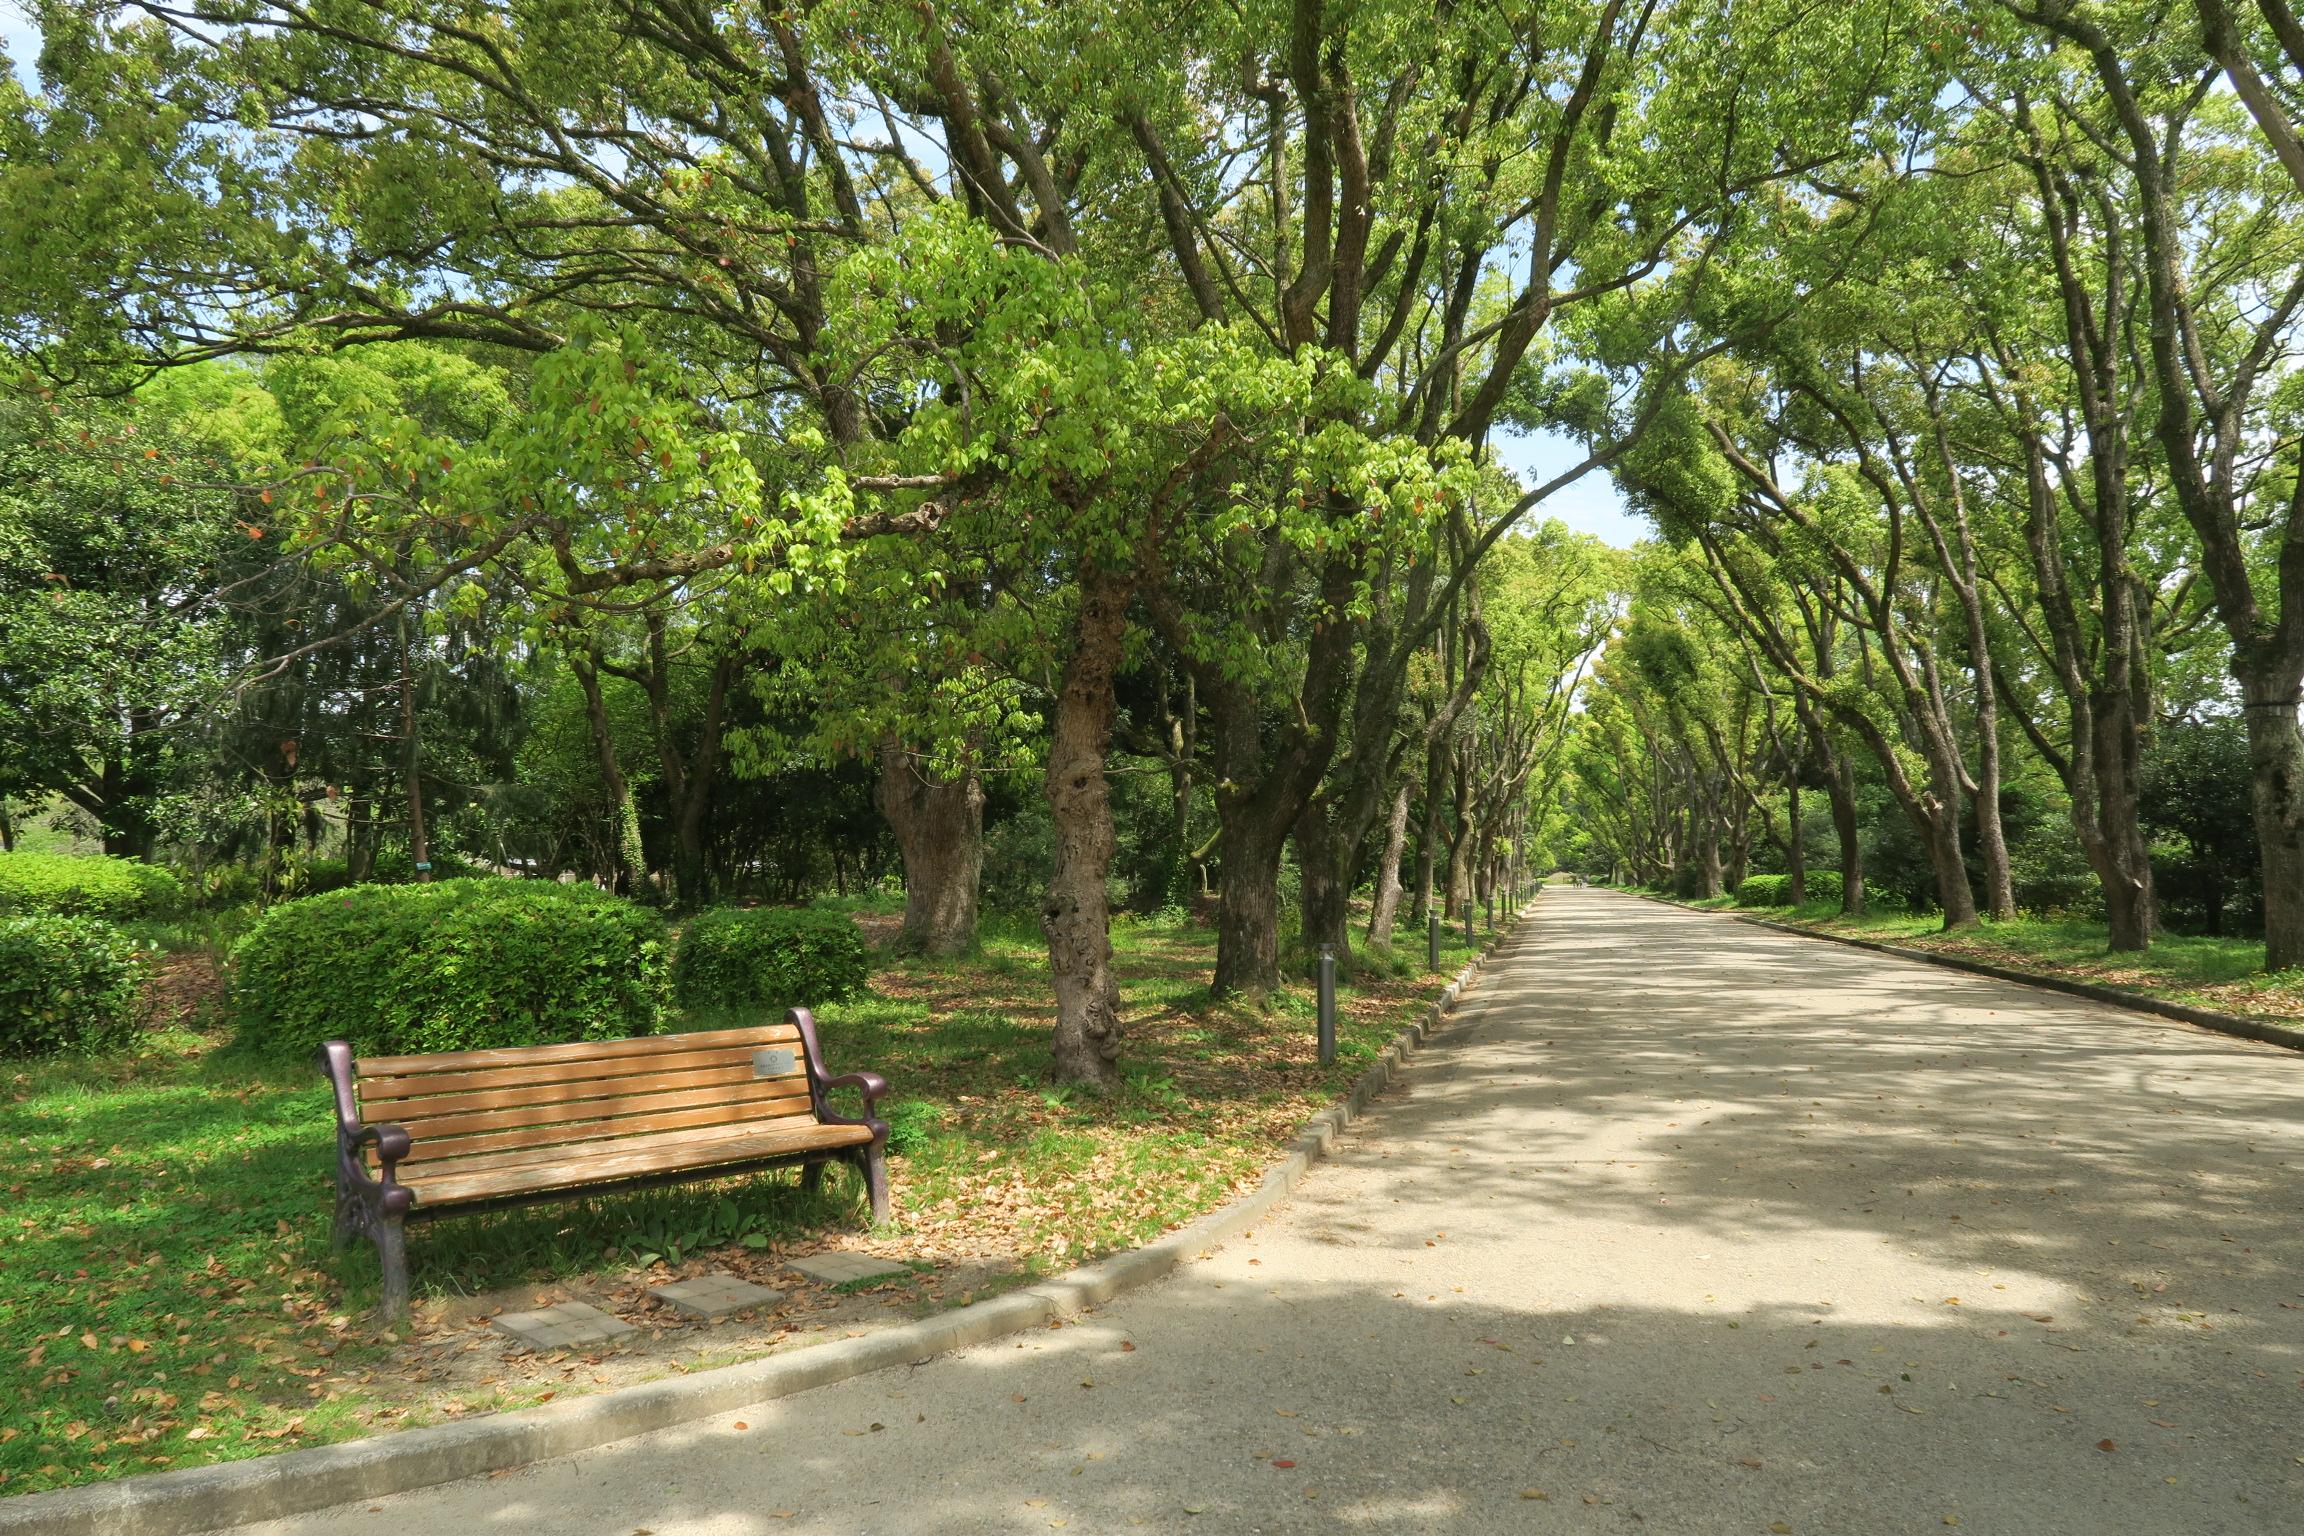 くすのき並木。開園当初に植栽されたクスノキの大木です。植物園のシンボルになっています。